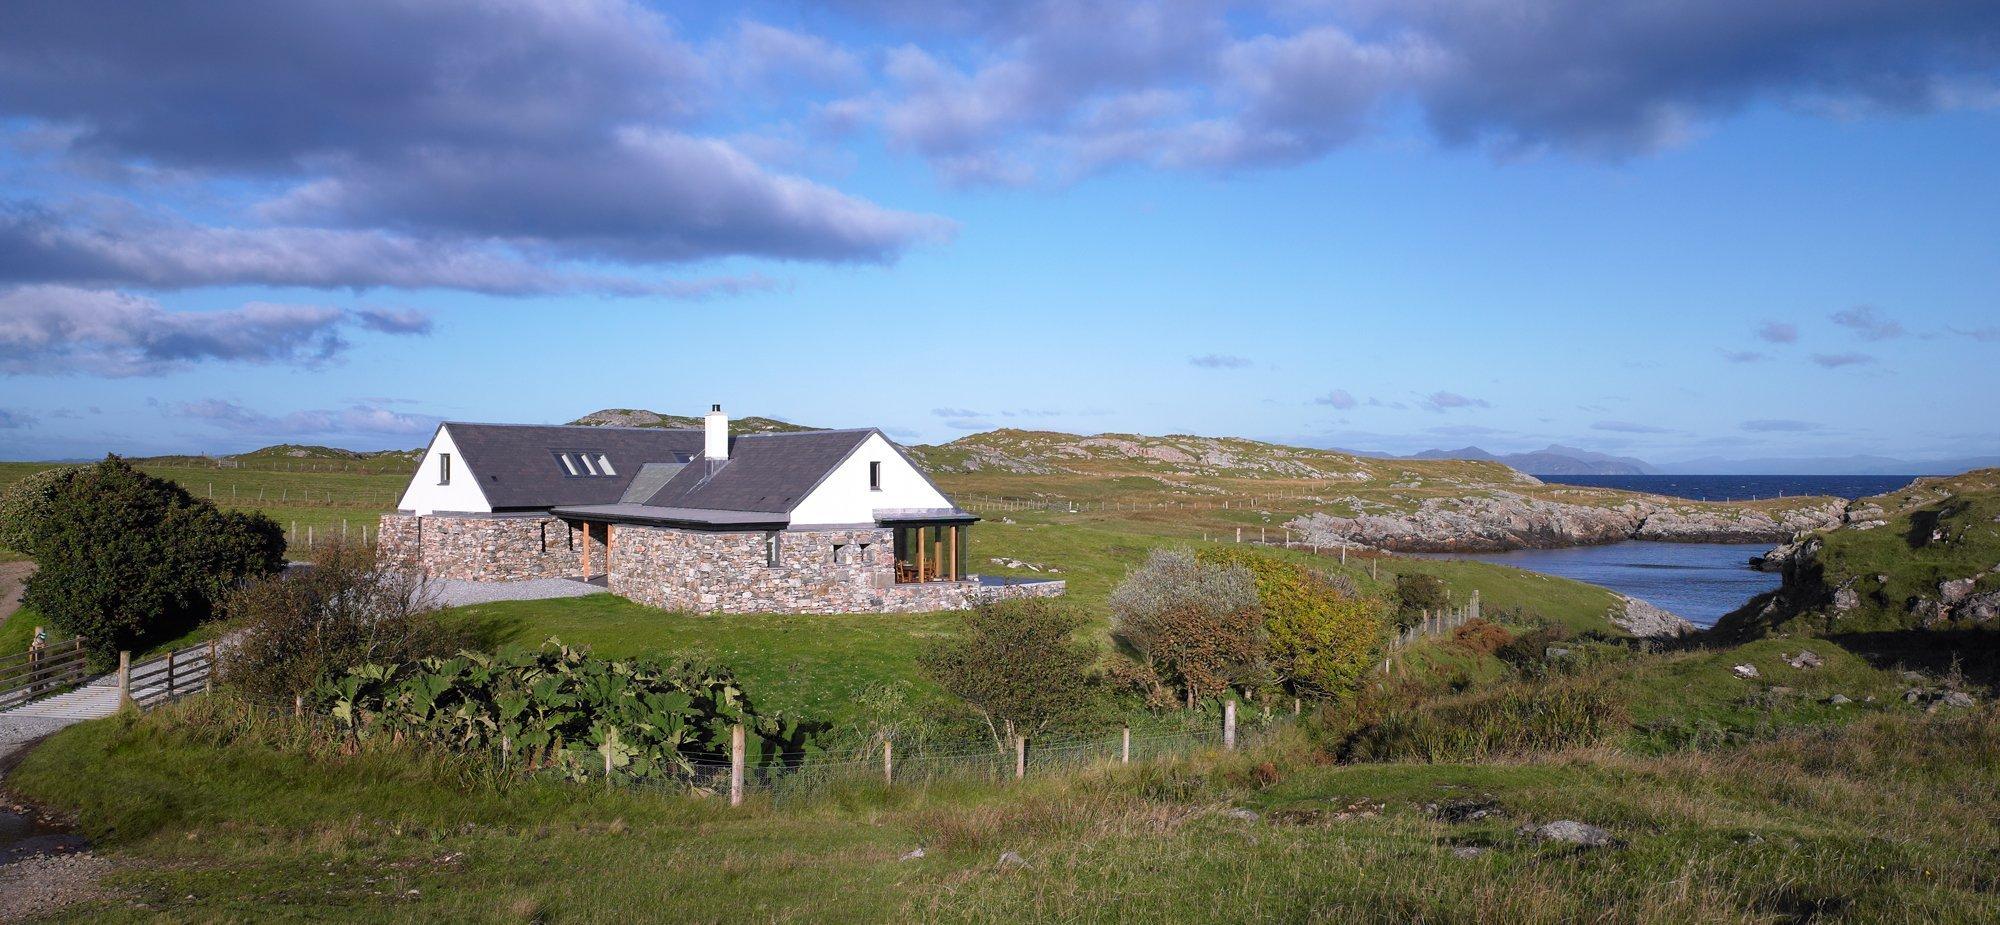 Rodinný dům ve Skotsku